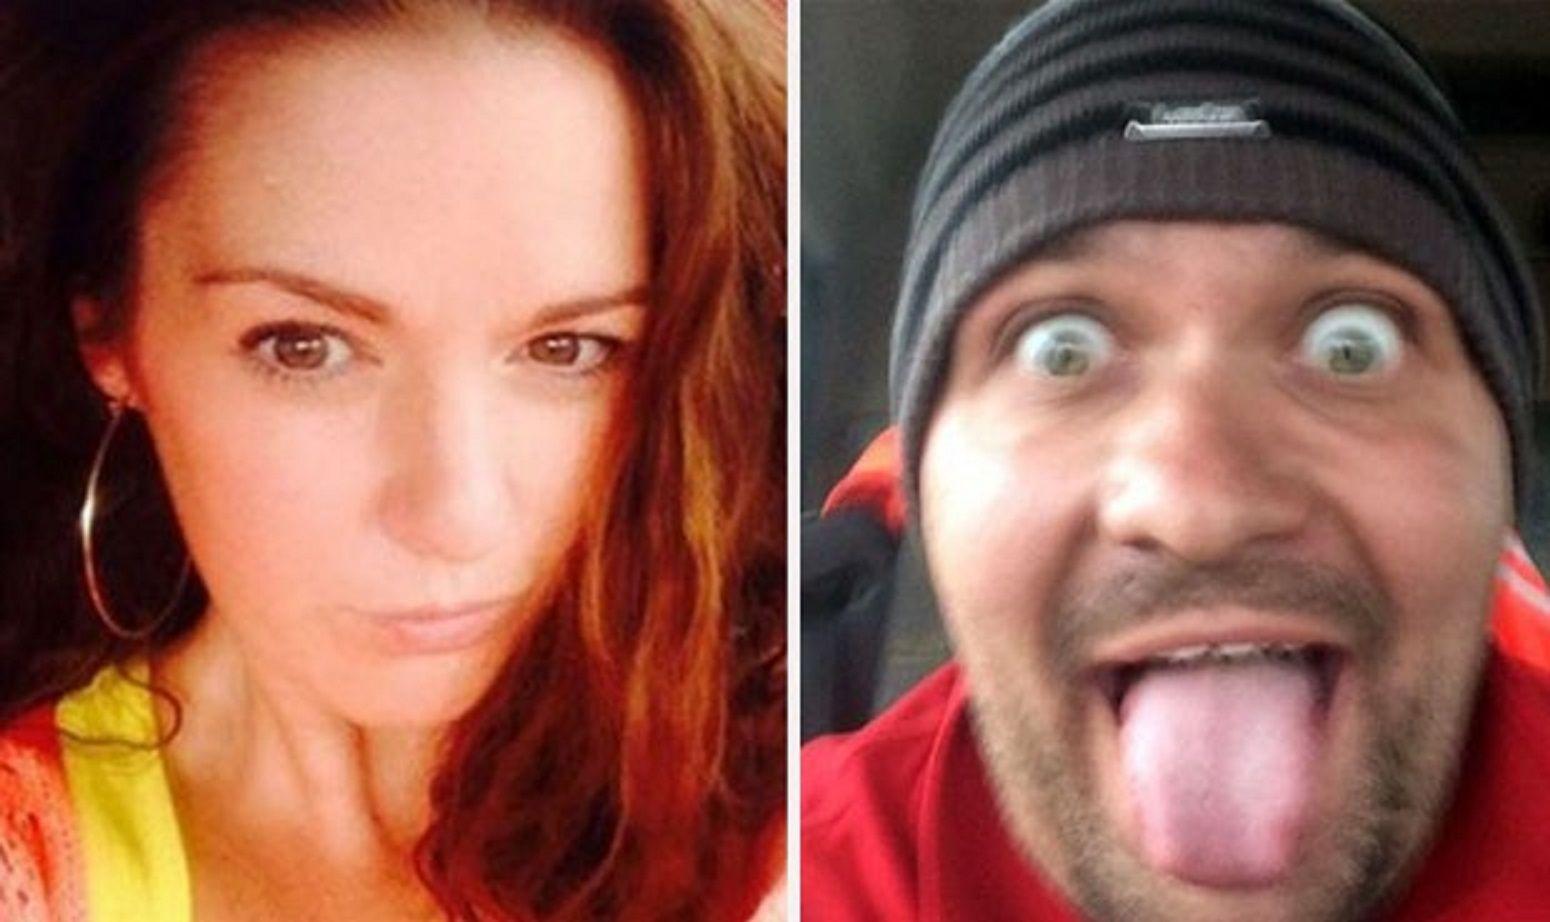 Una mujer fue engañada, se vengó en Facebook y ahora se arrepintió